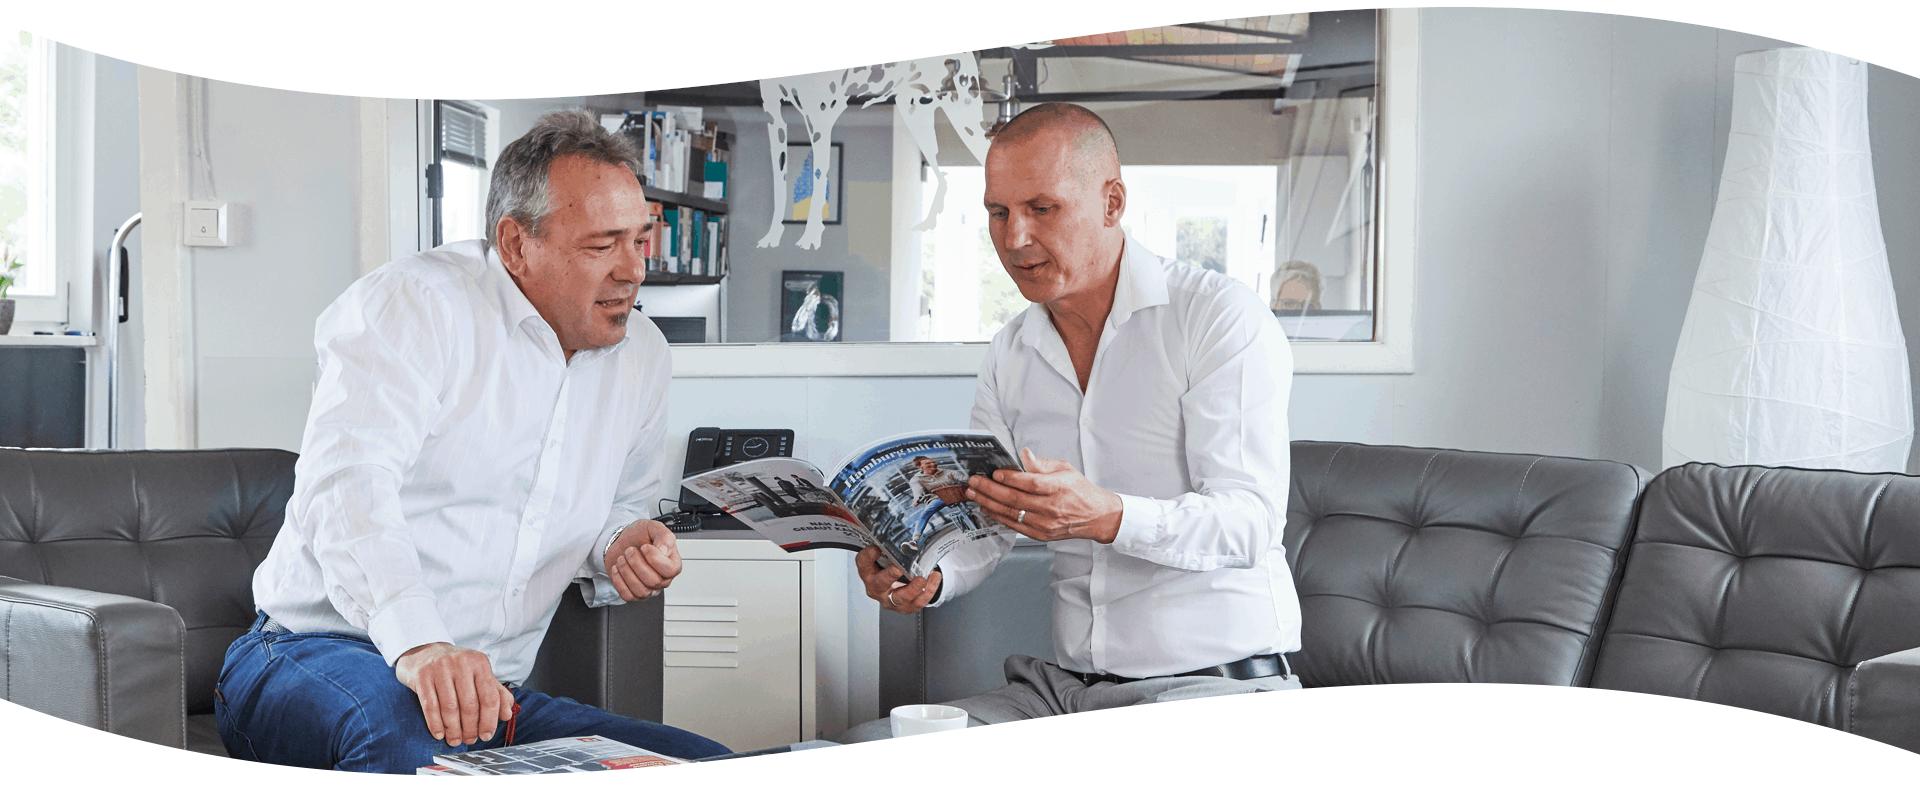 Service_Gespraech_mit Magazin